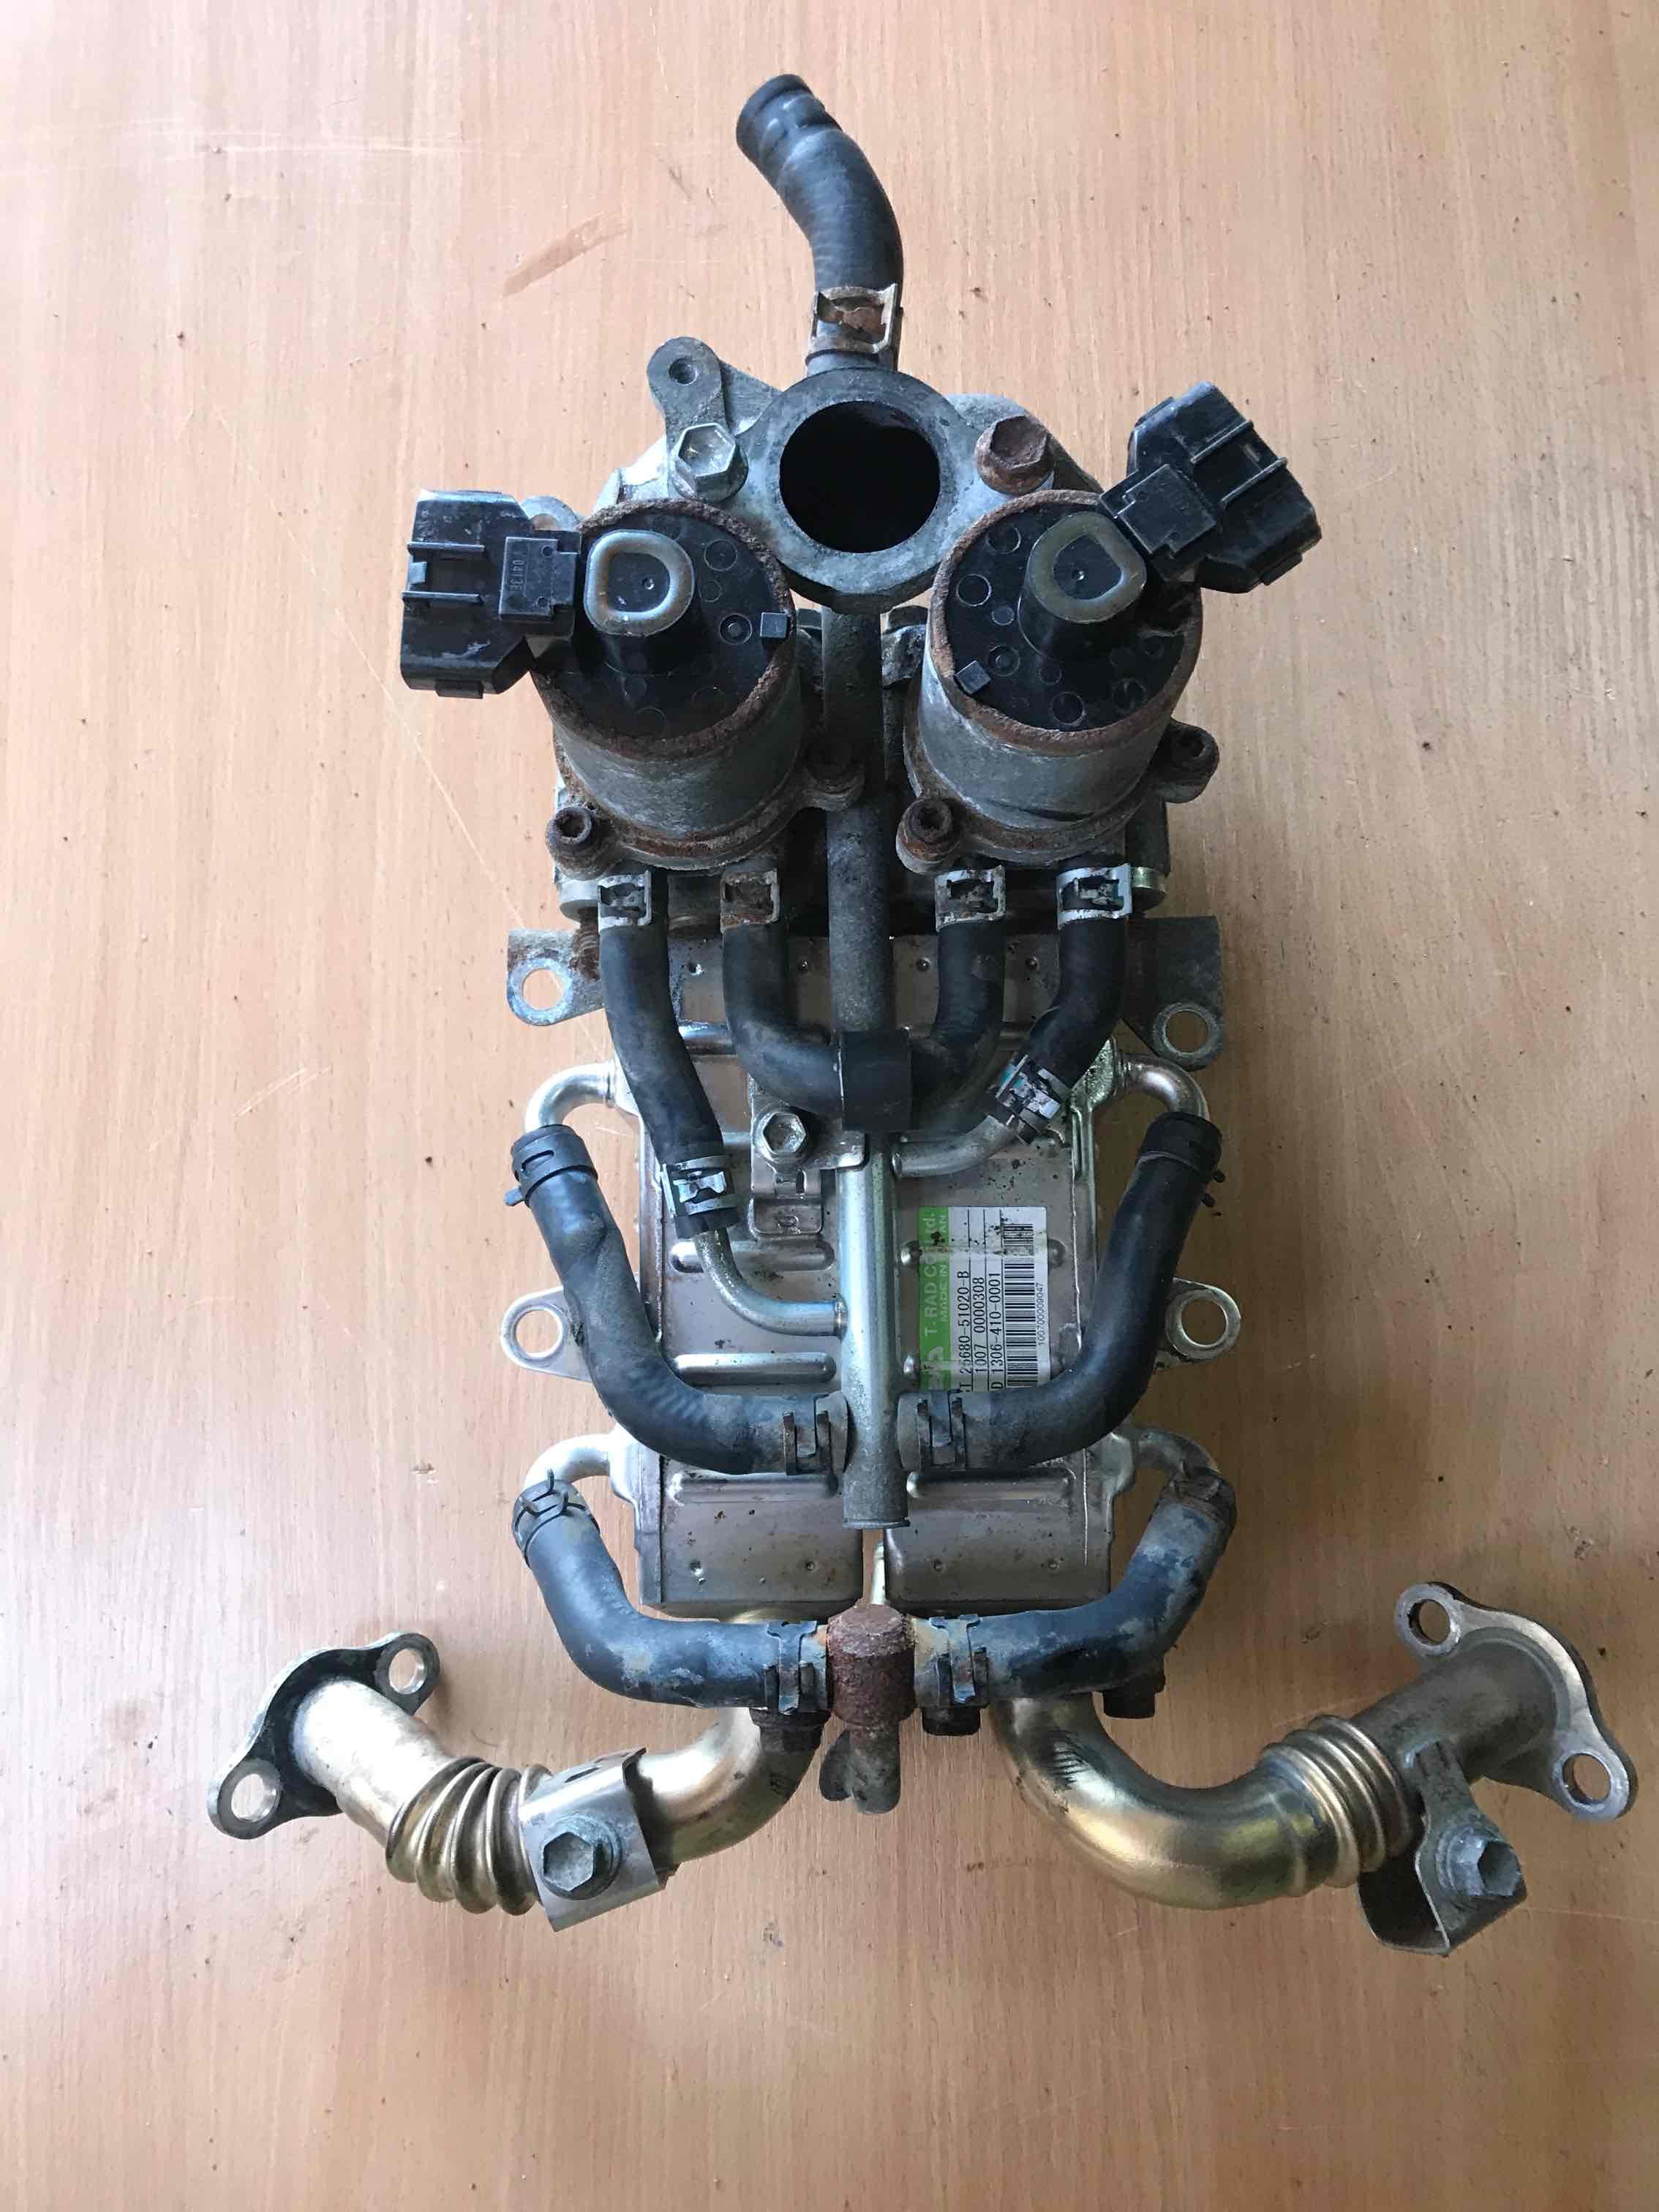 Радиатор EGR Toyota  25680-51020B. 25630-51010.  25620-51010